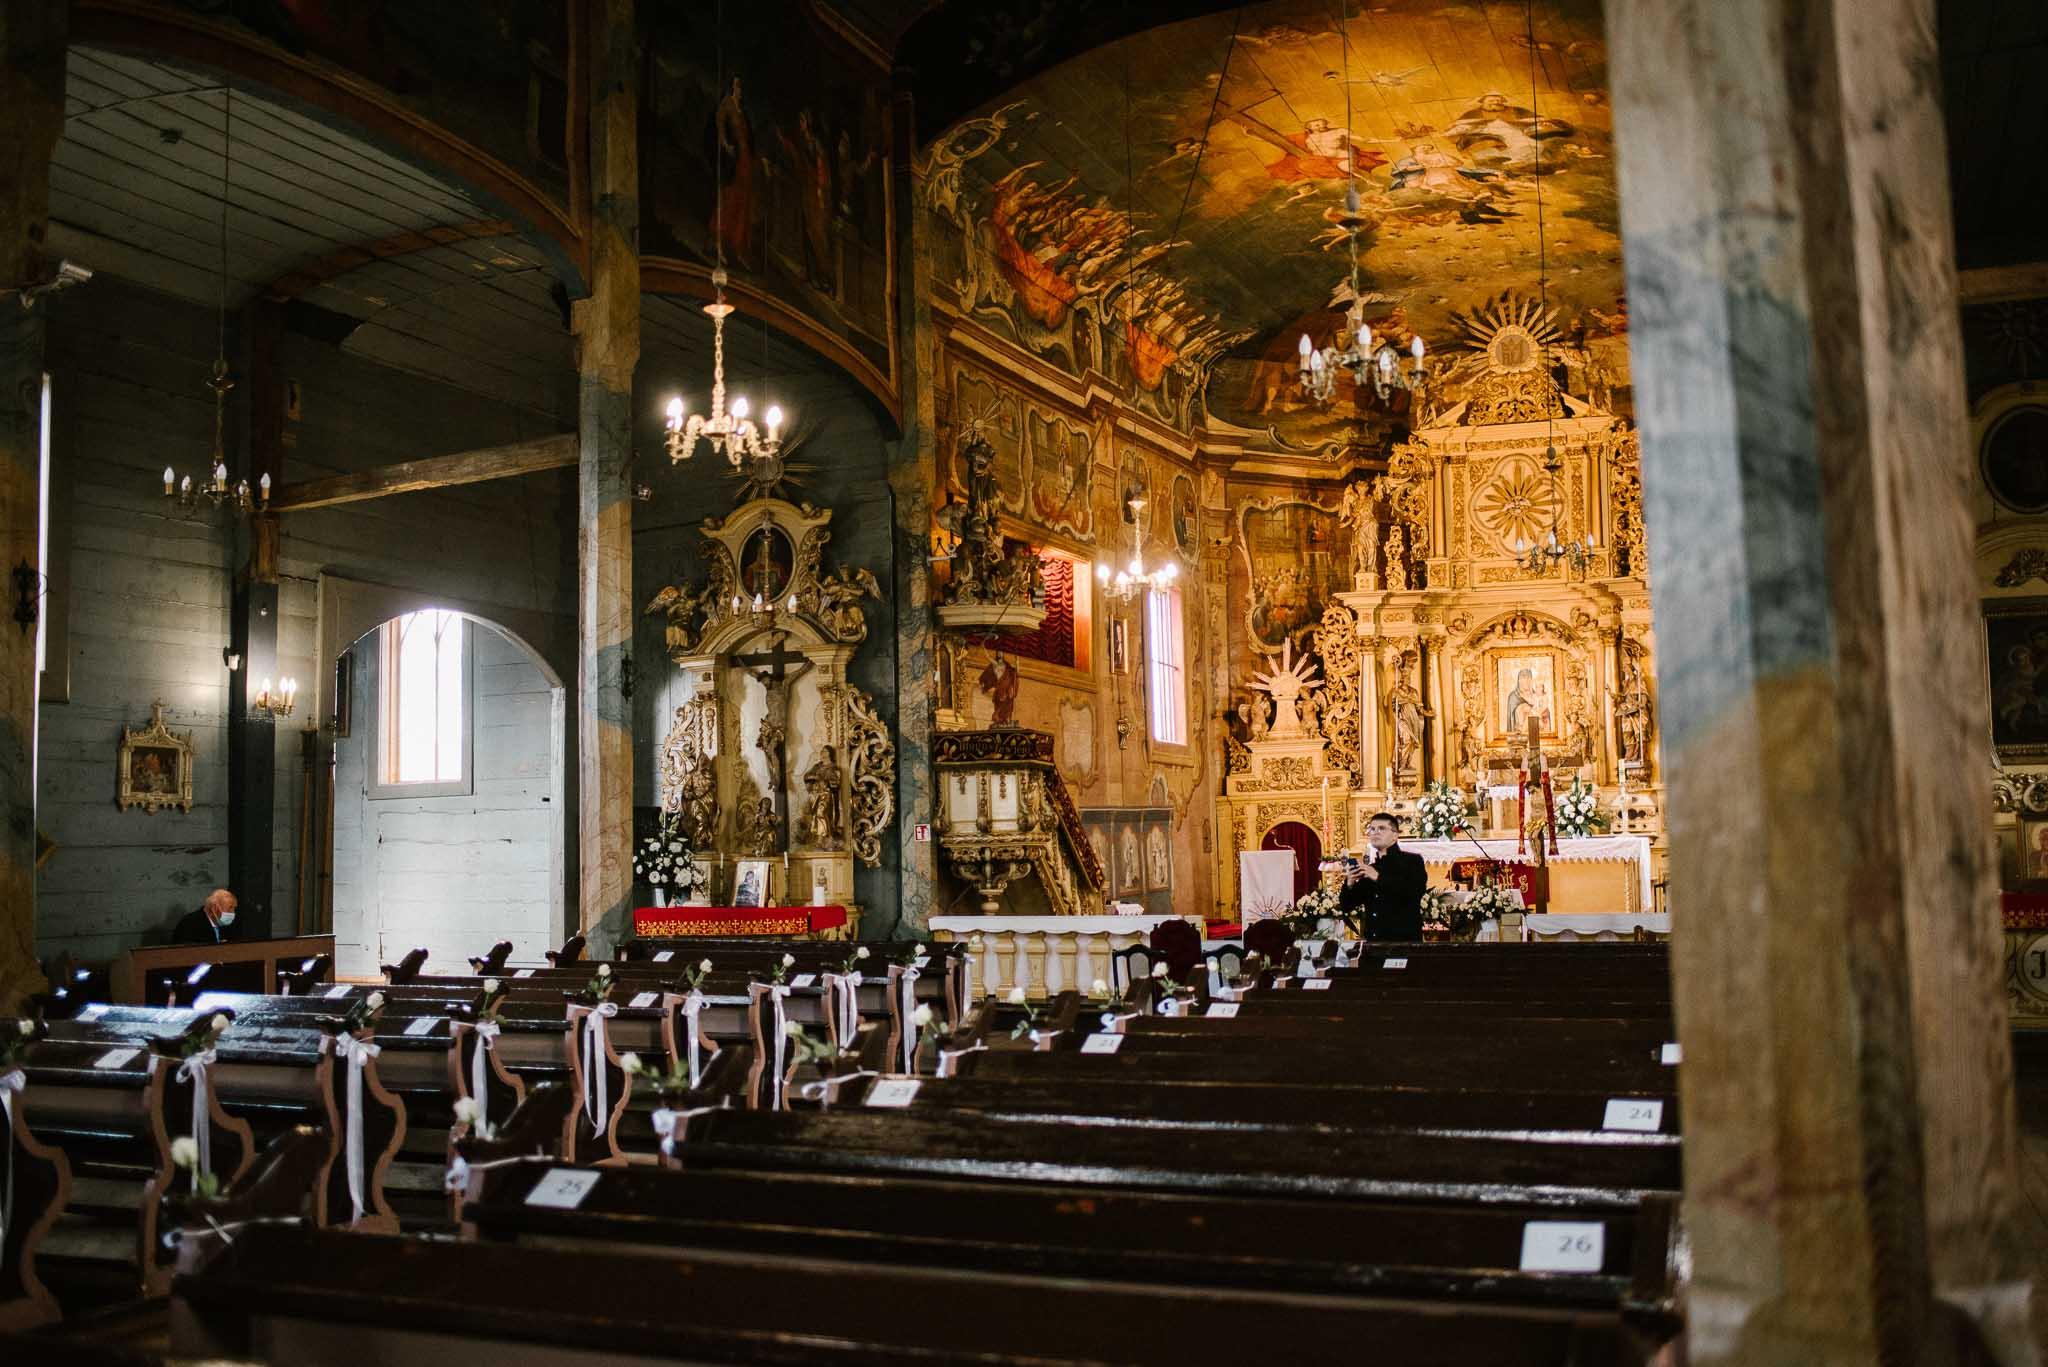 Wnętrze kościoła przed ślubem - sesja ślubna reportaż Żuczki Inowrocław